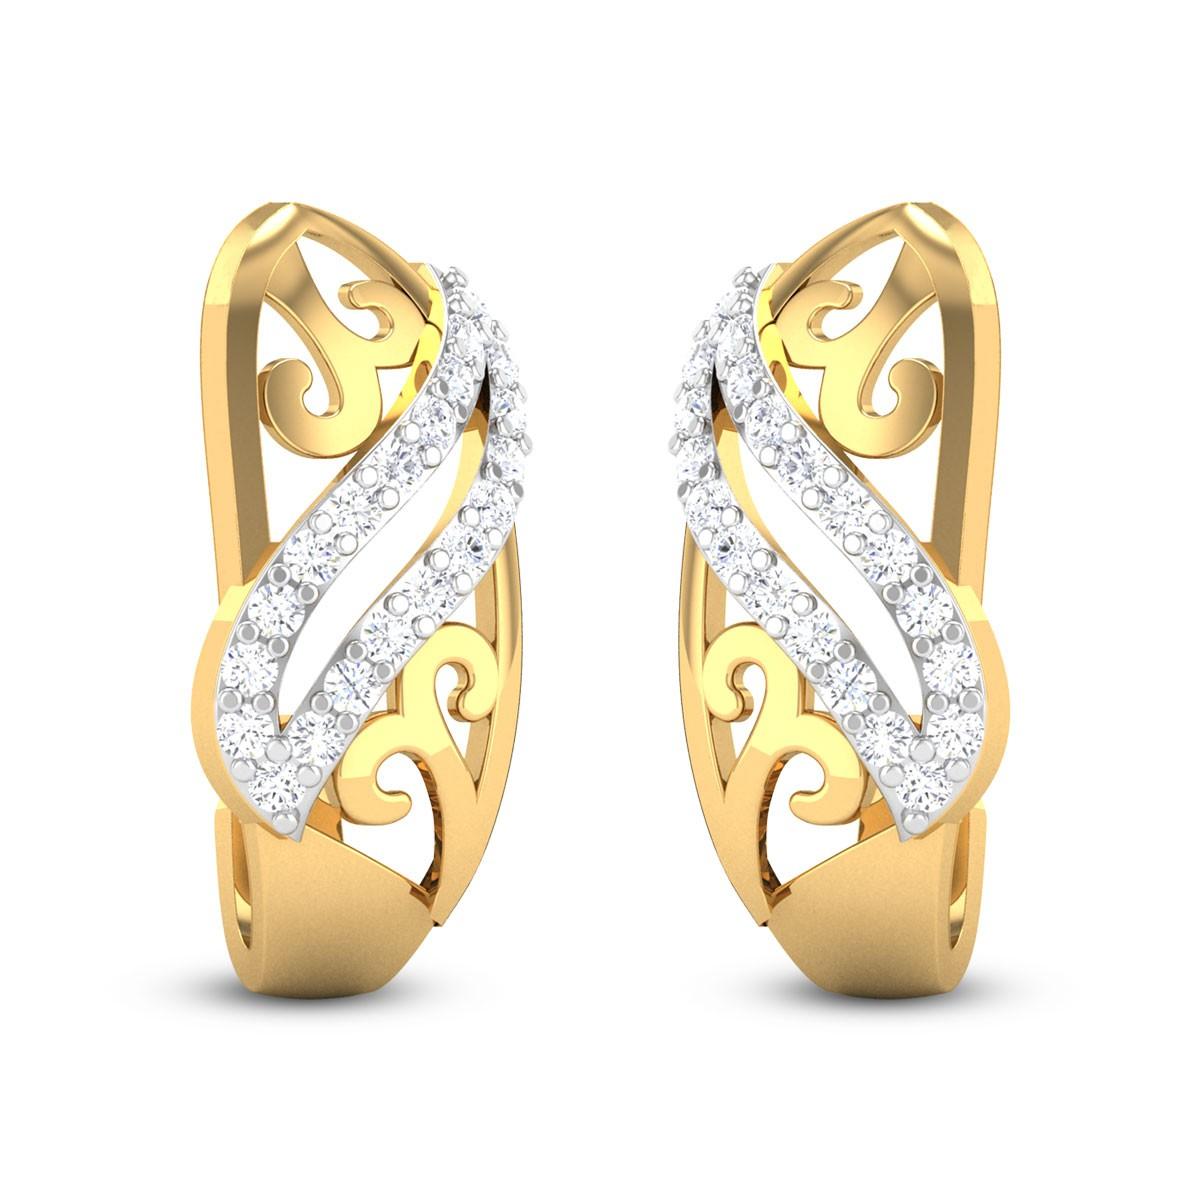 Ellis Diamond Stud Earrings